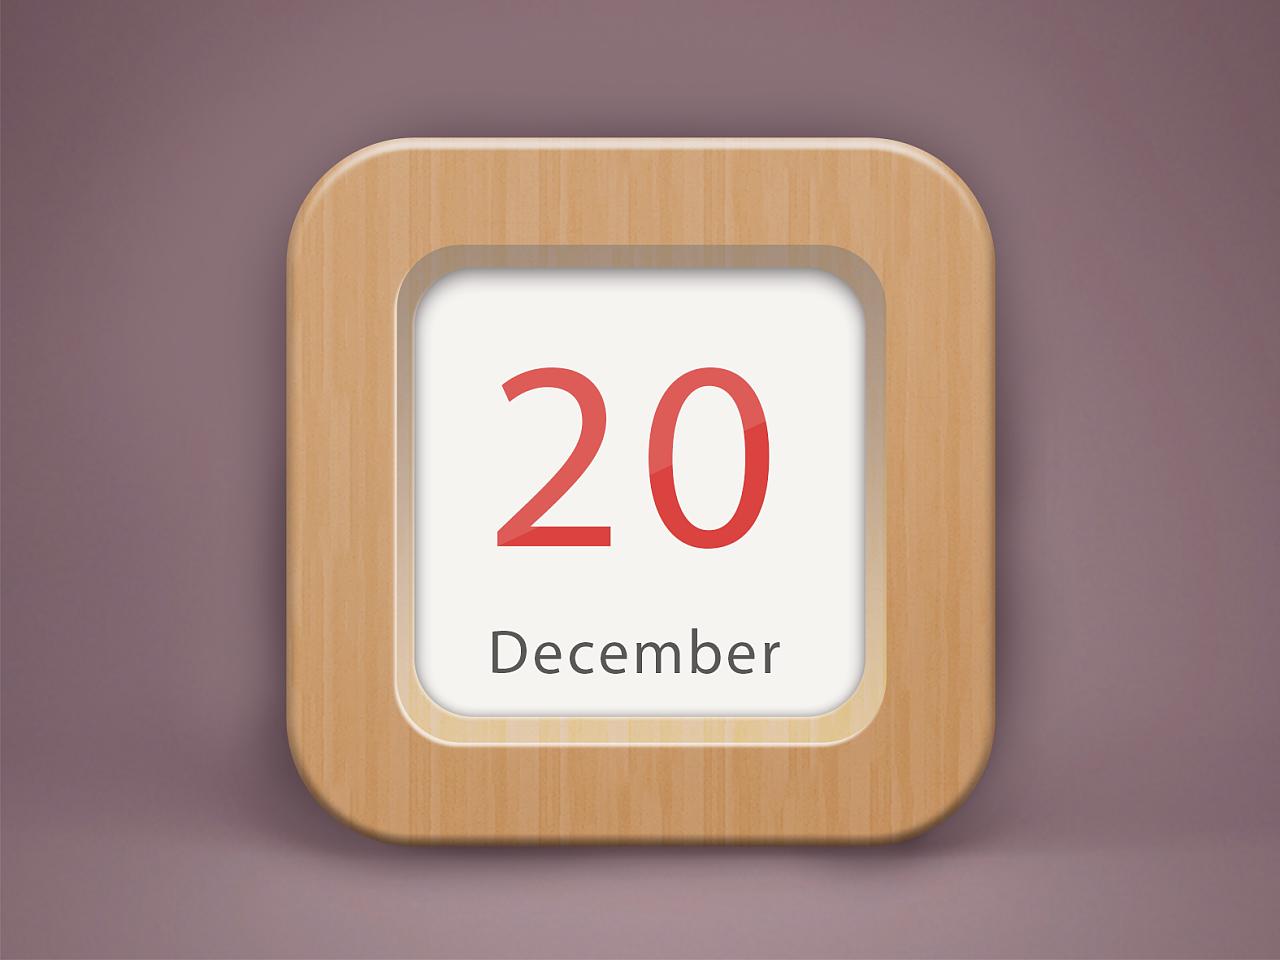 日历图标是2014年根据教材学习制作的.图片